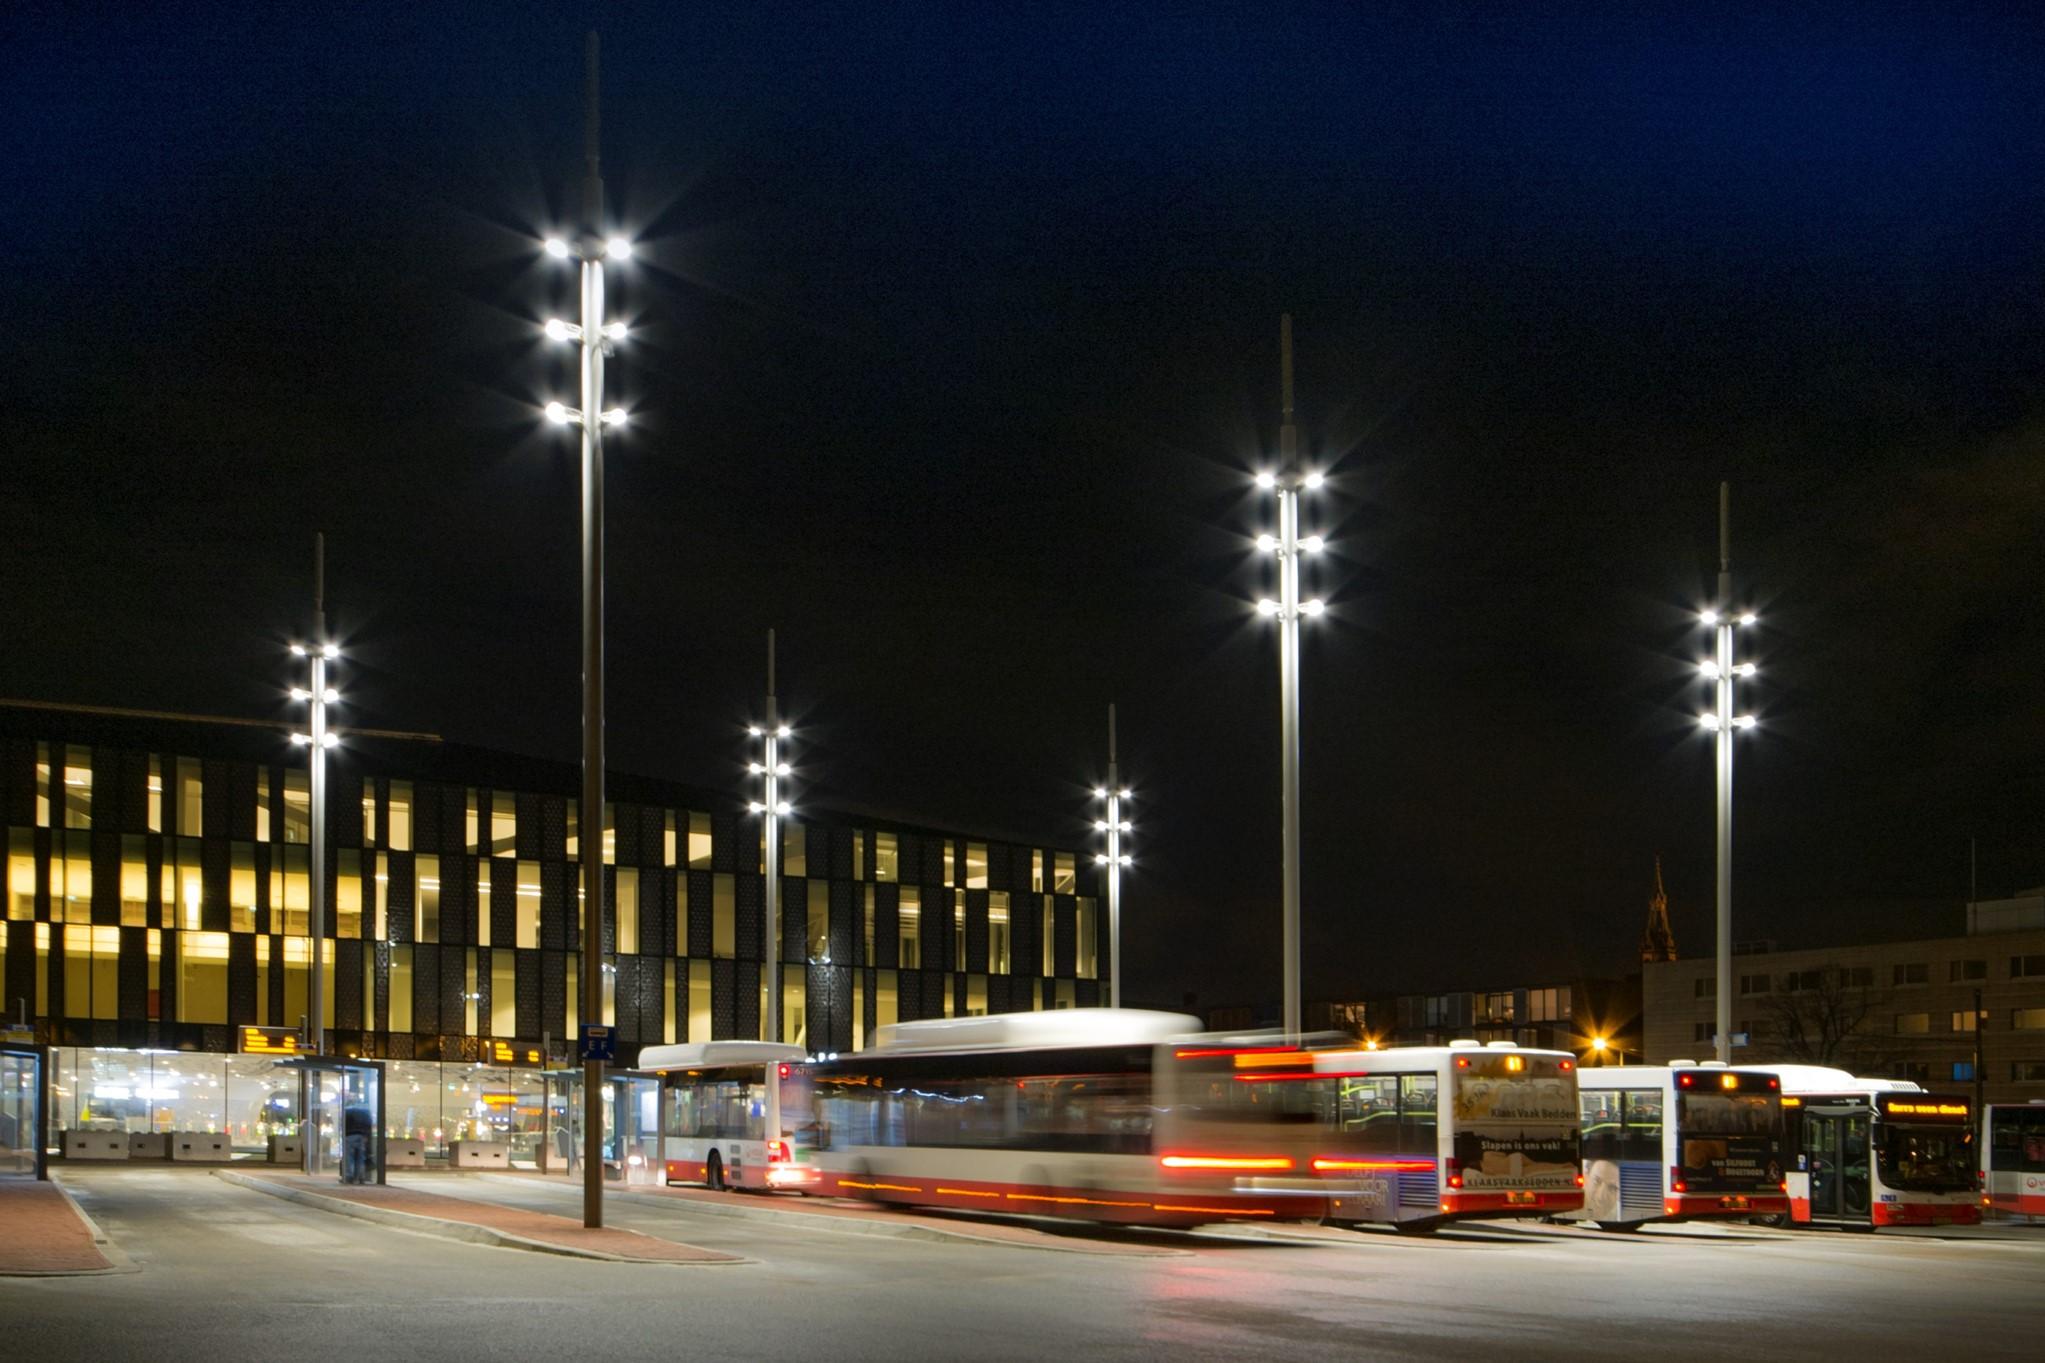 Verlichting busstation Delft